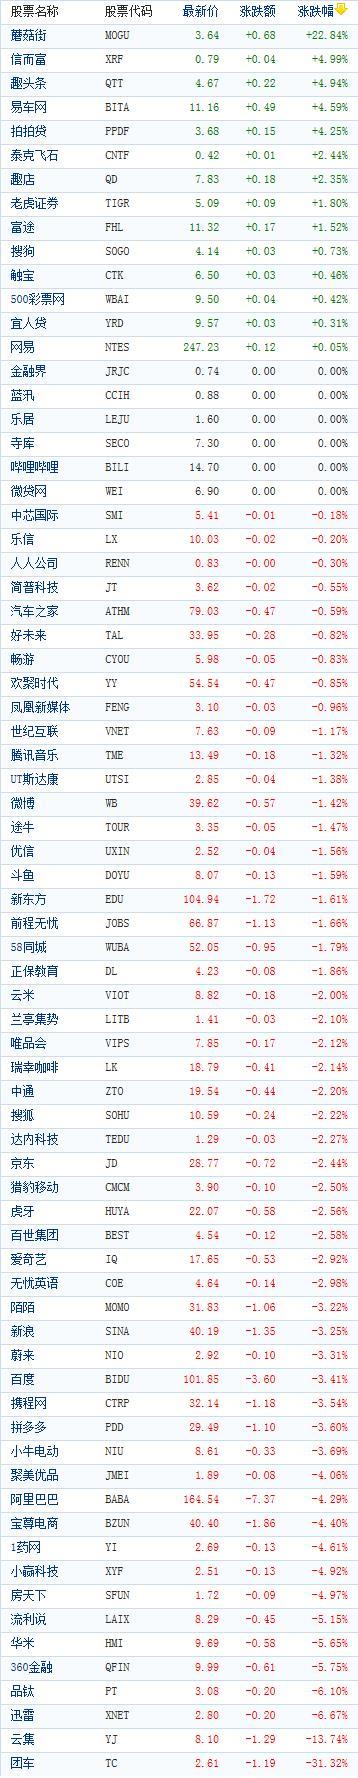 中国概念股周五收盘多数下跌 蘑